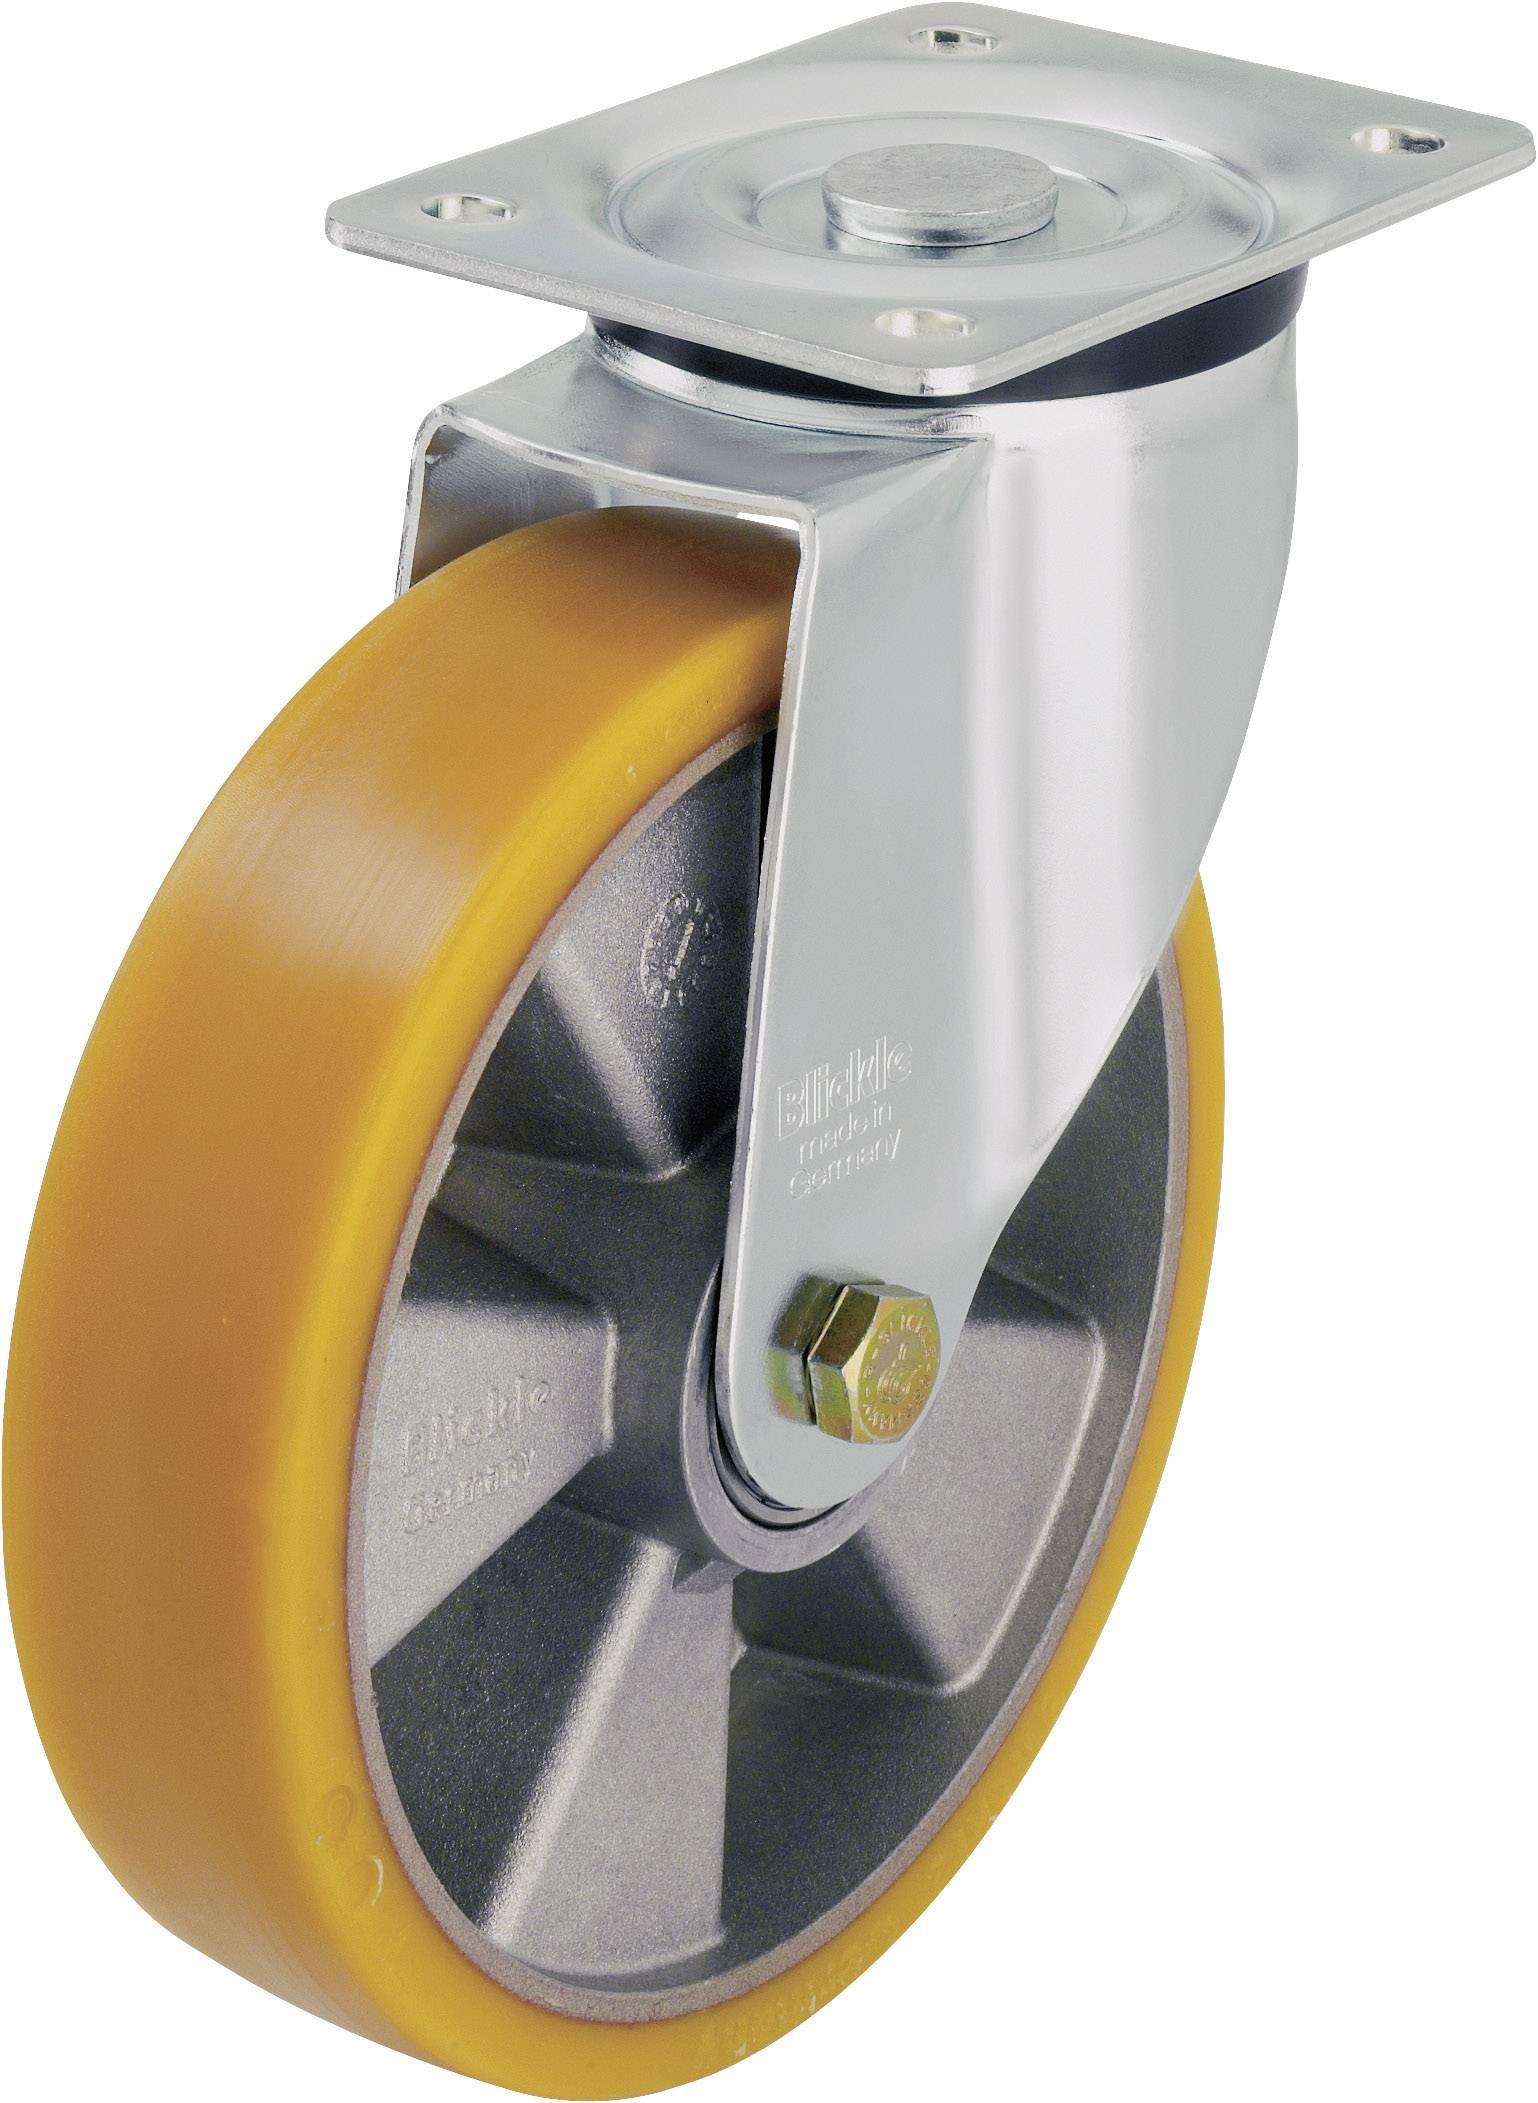 Otočné kolečko s konstrukční deskou, Ø 125 mm, Blickle 303354, L-ALTH 125K